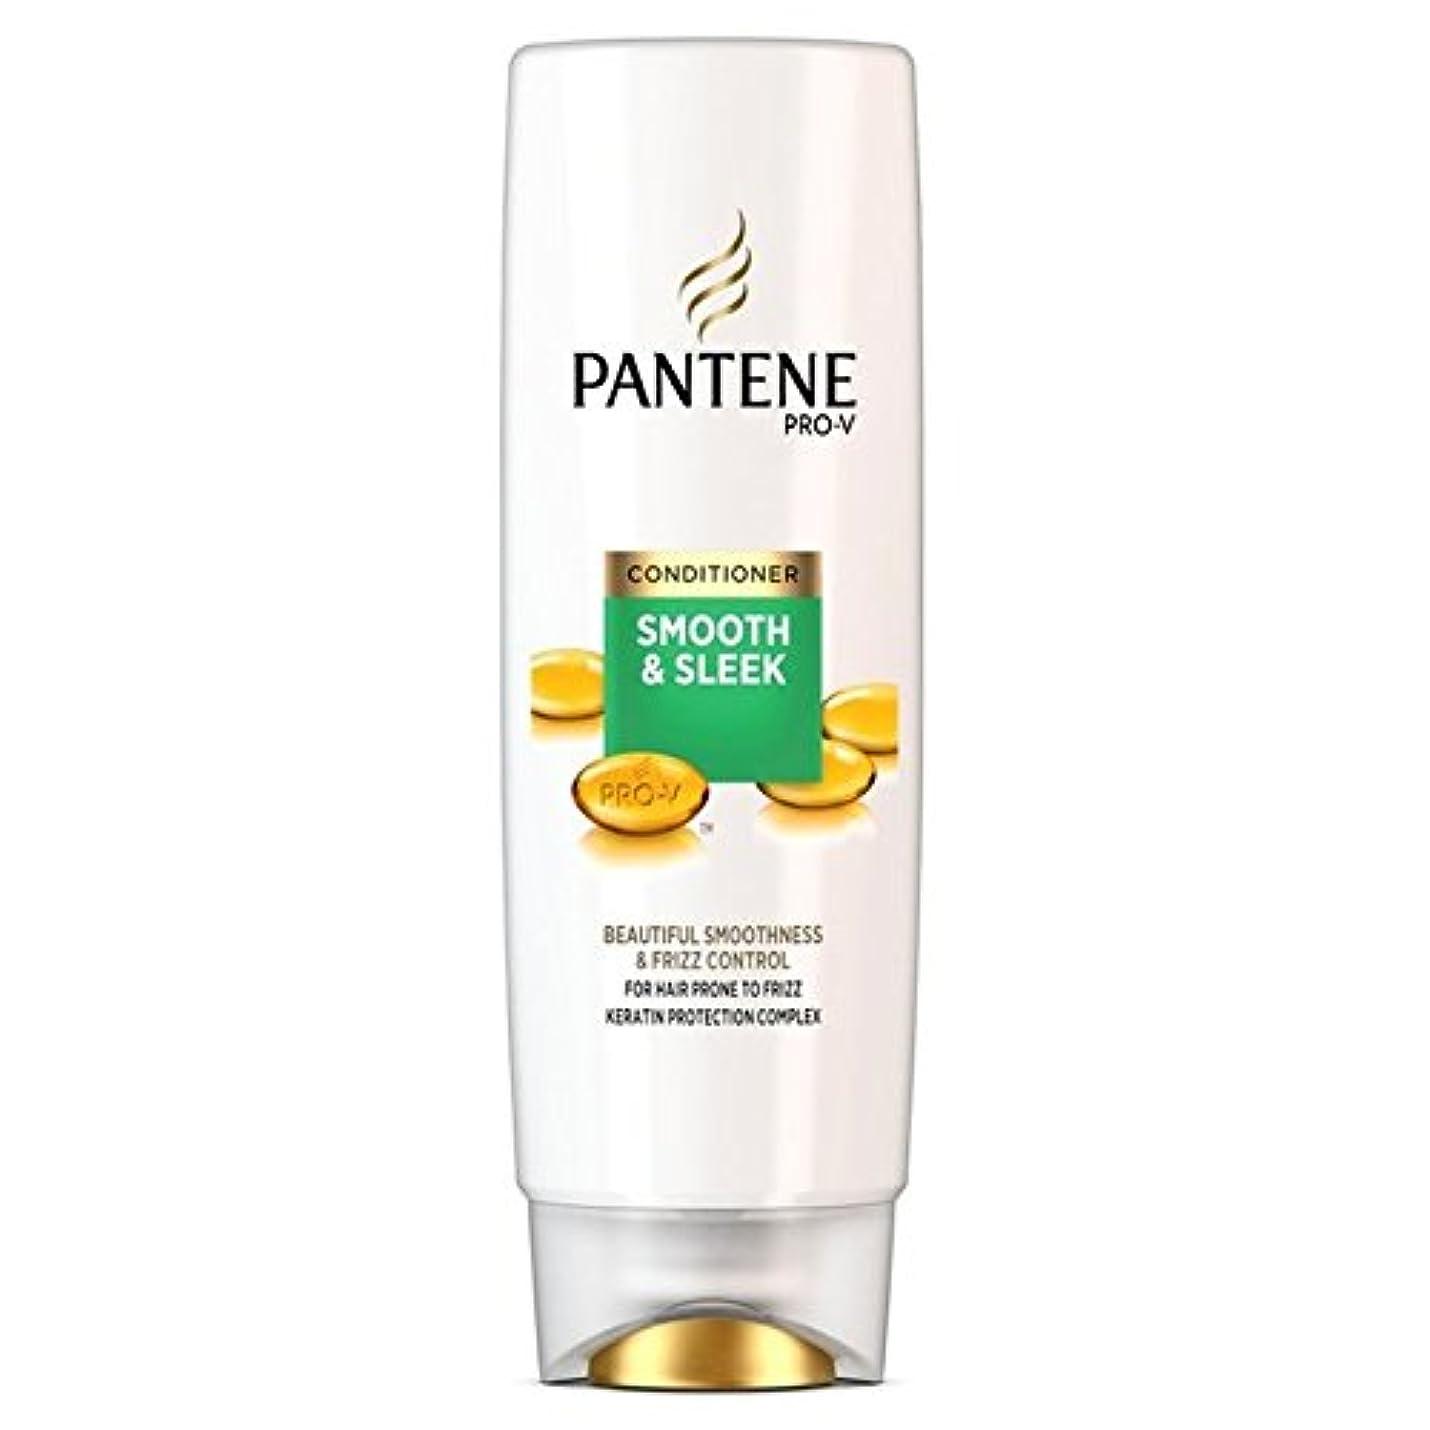 必要条件しかしながら時計回りPantene Conditioner Smooth & Sleek For Hair Prone to Frizz 250ml (Pack of 6) - パンテーンコンディショナースムーズ&縮れ250ミリリットルを受...